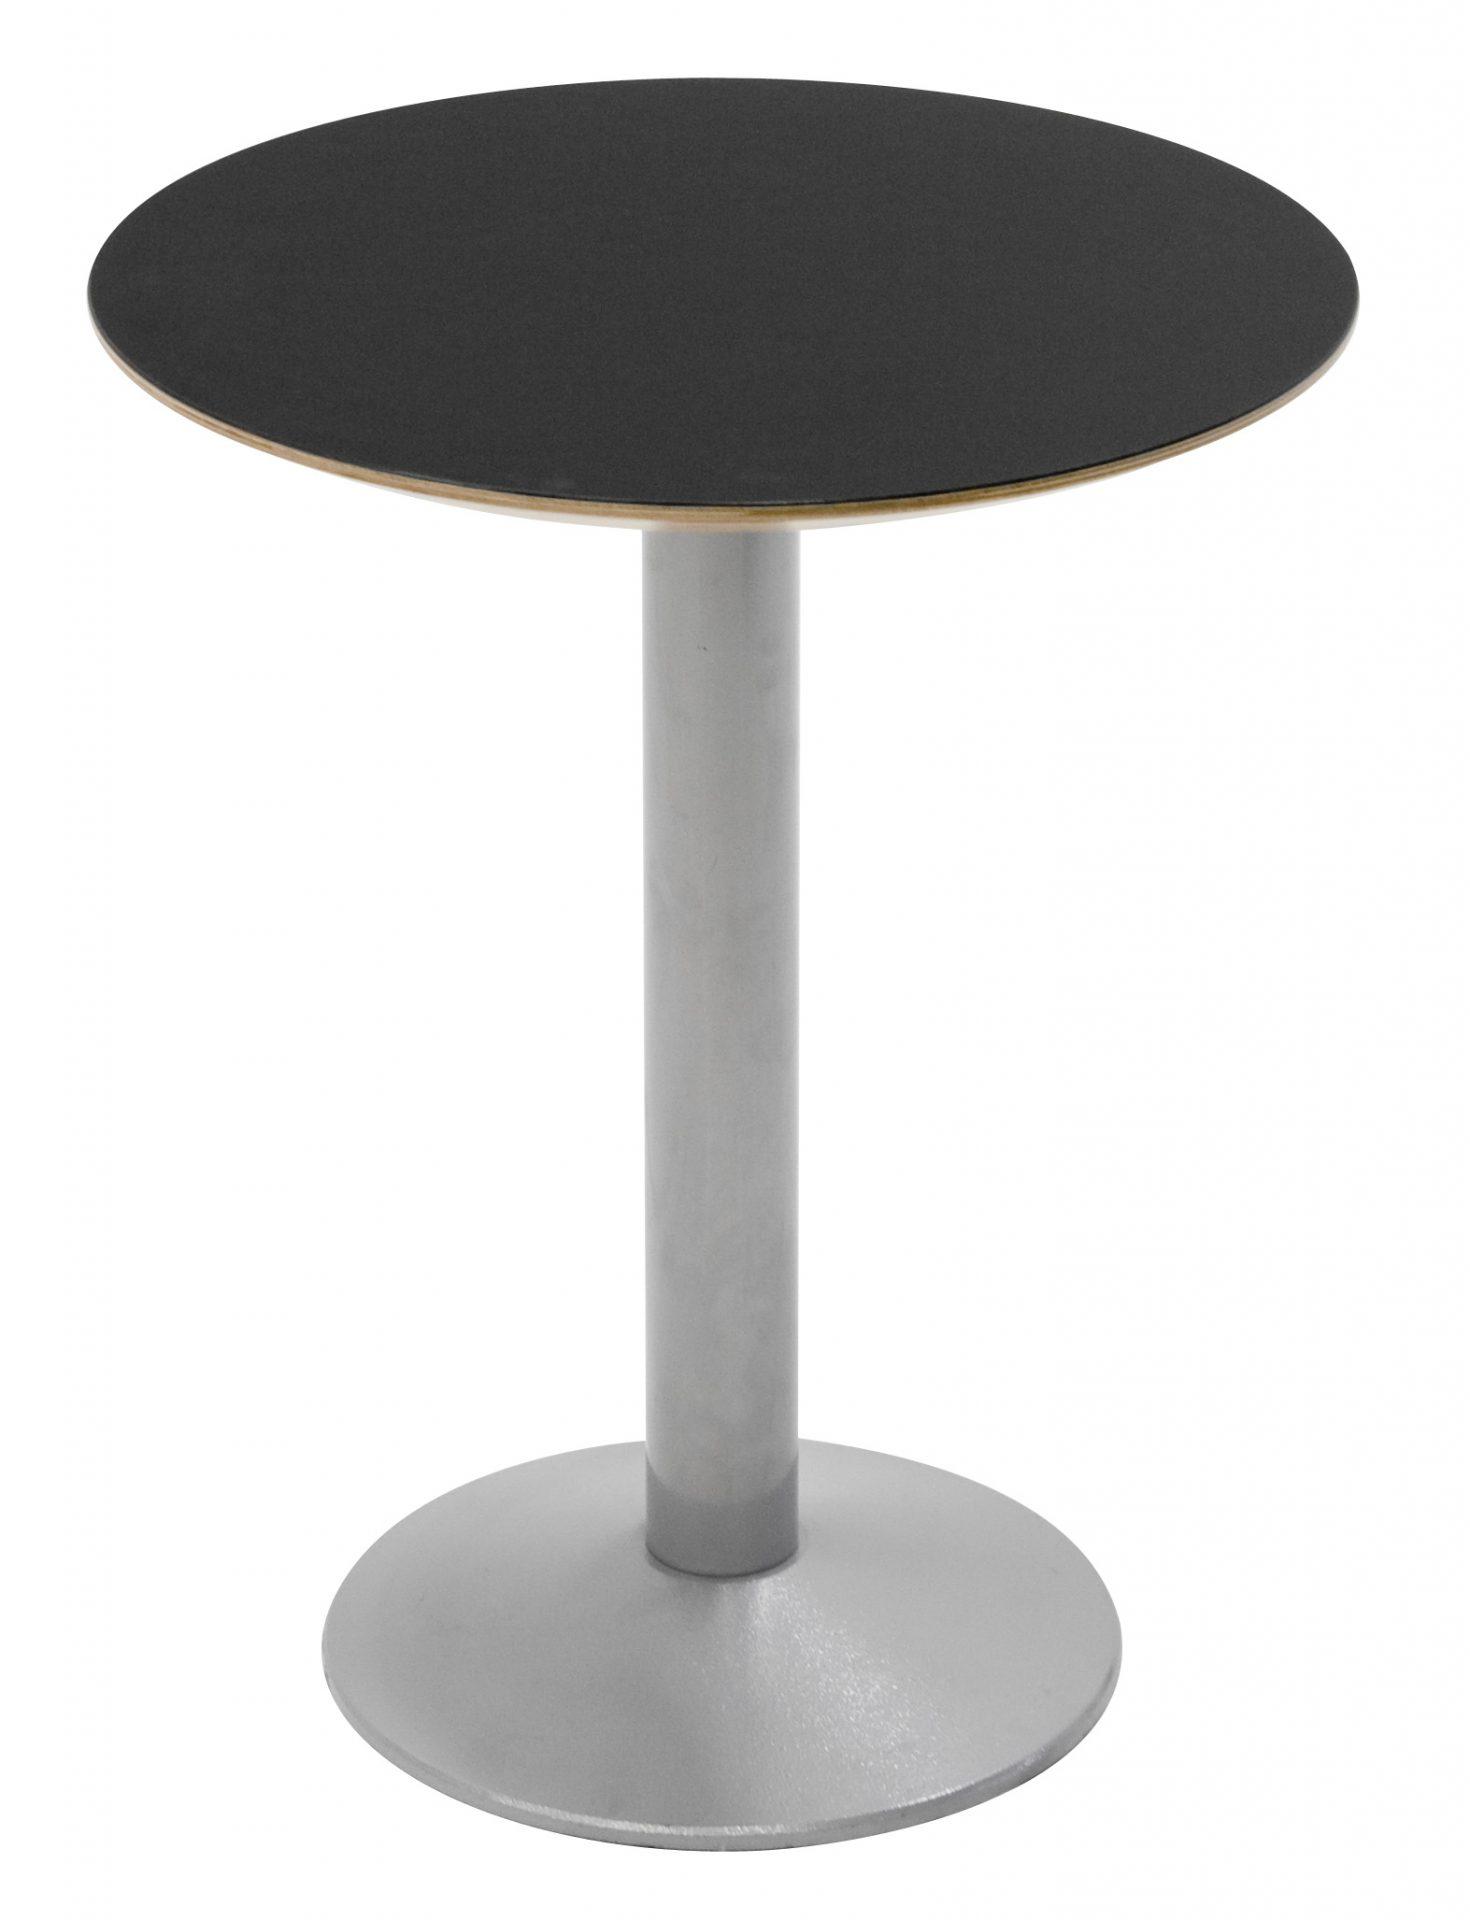 Café bord med Tonda søjle